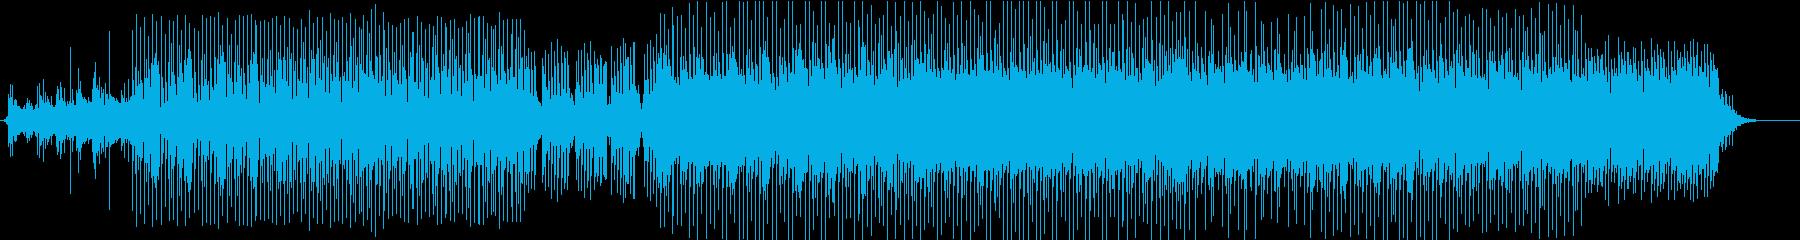 ★ディープでお洒落なクラブ(深海)の再生済みの波形